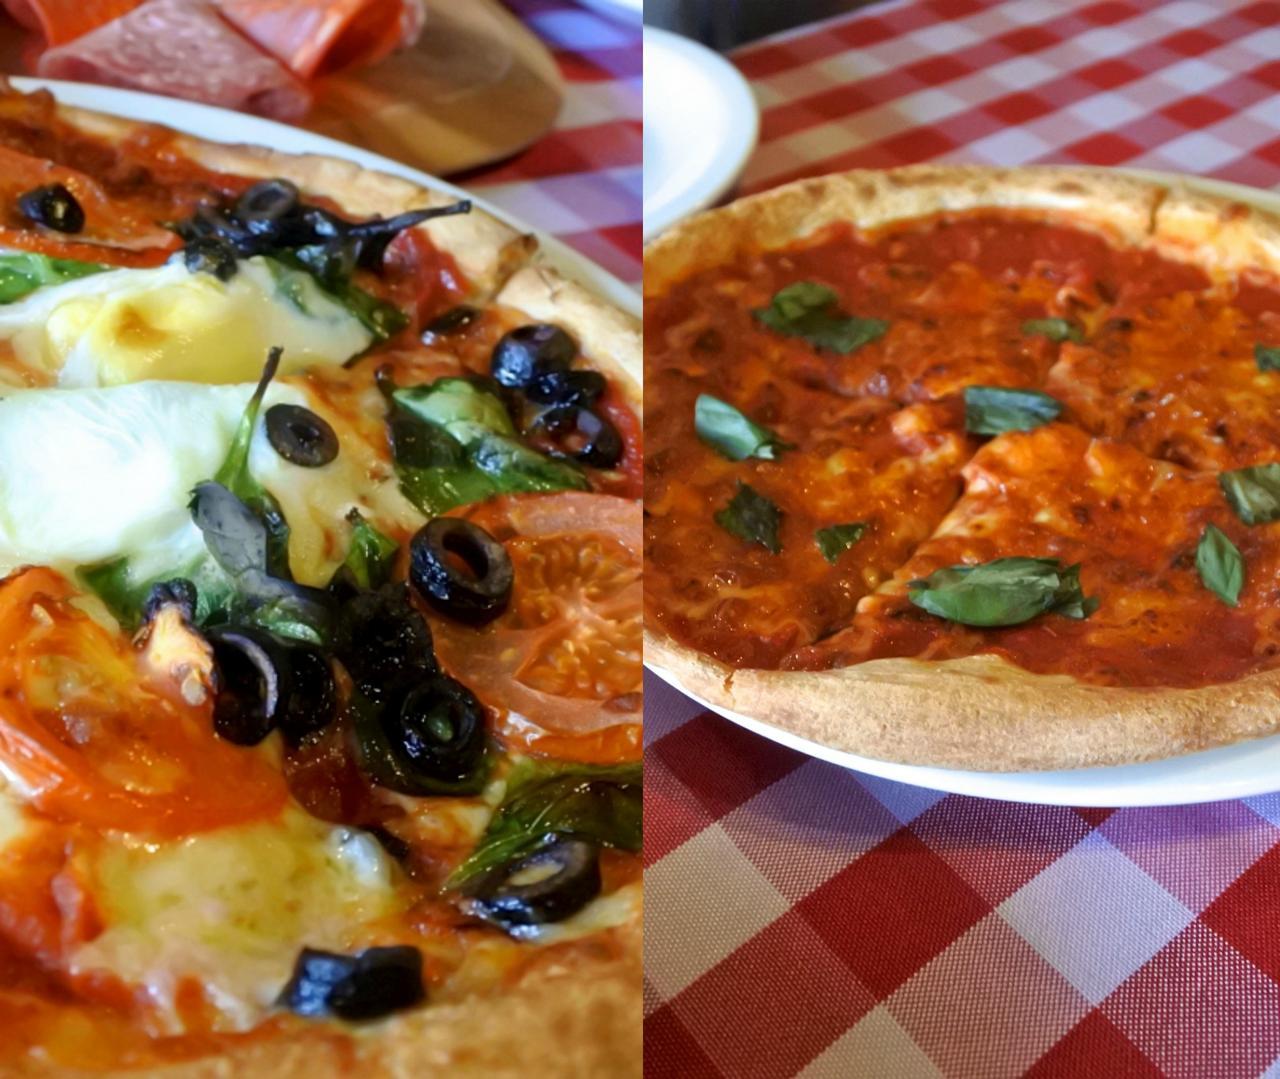 なかなか美味しいピザでしたよ ^^